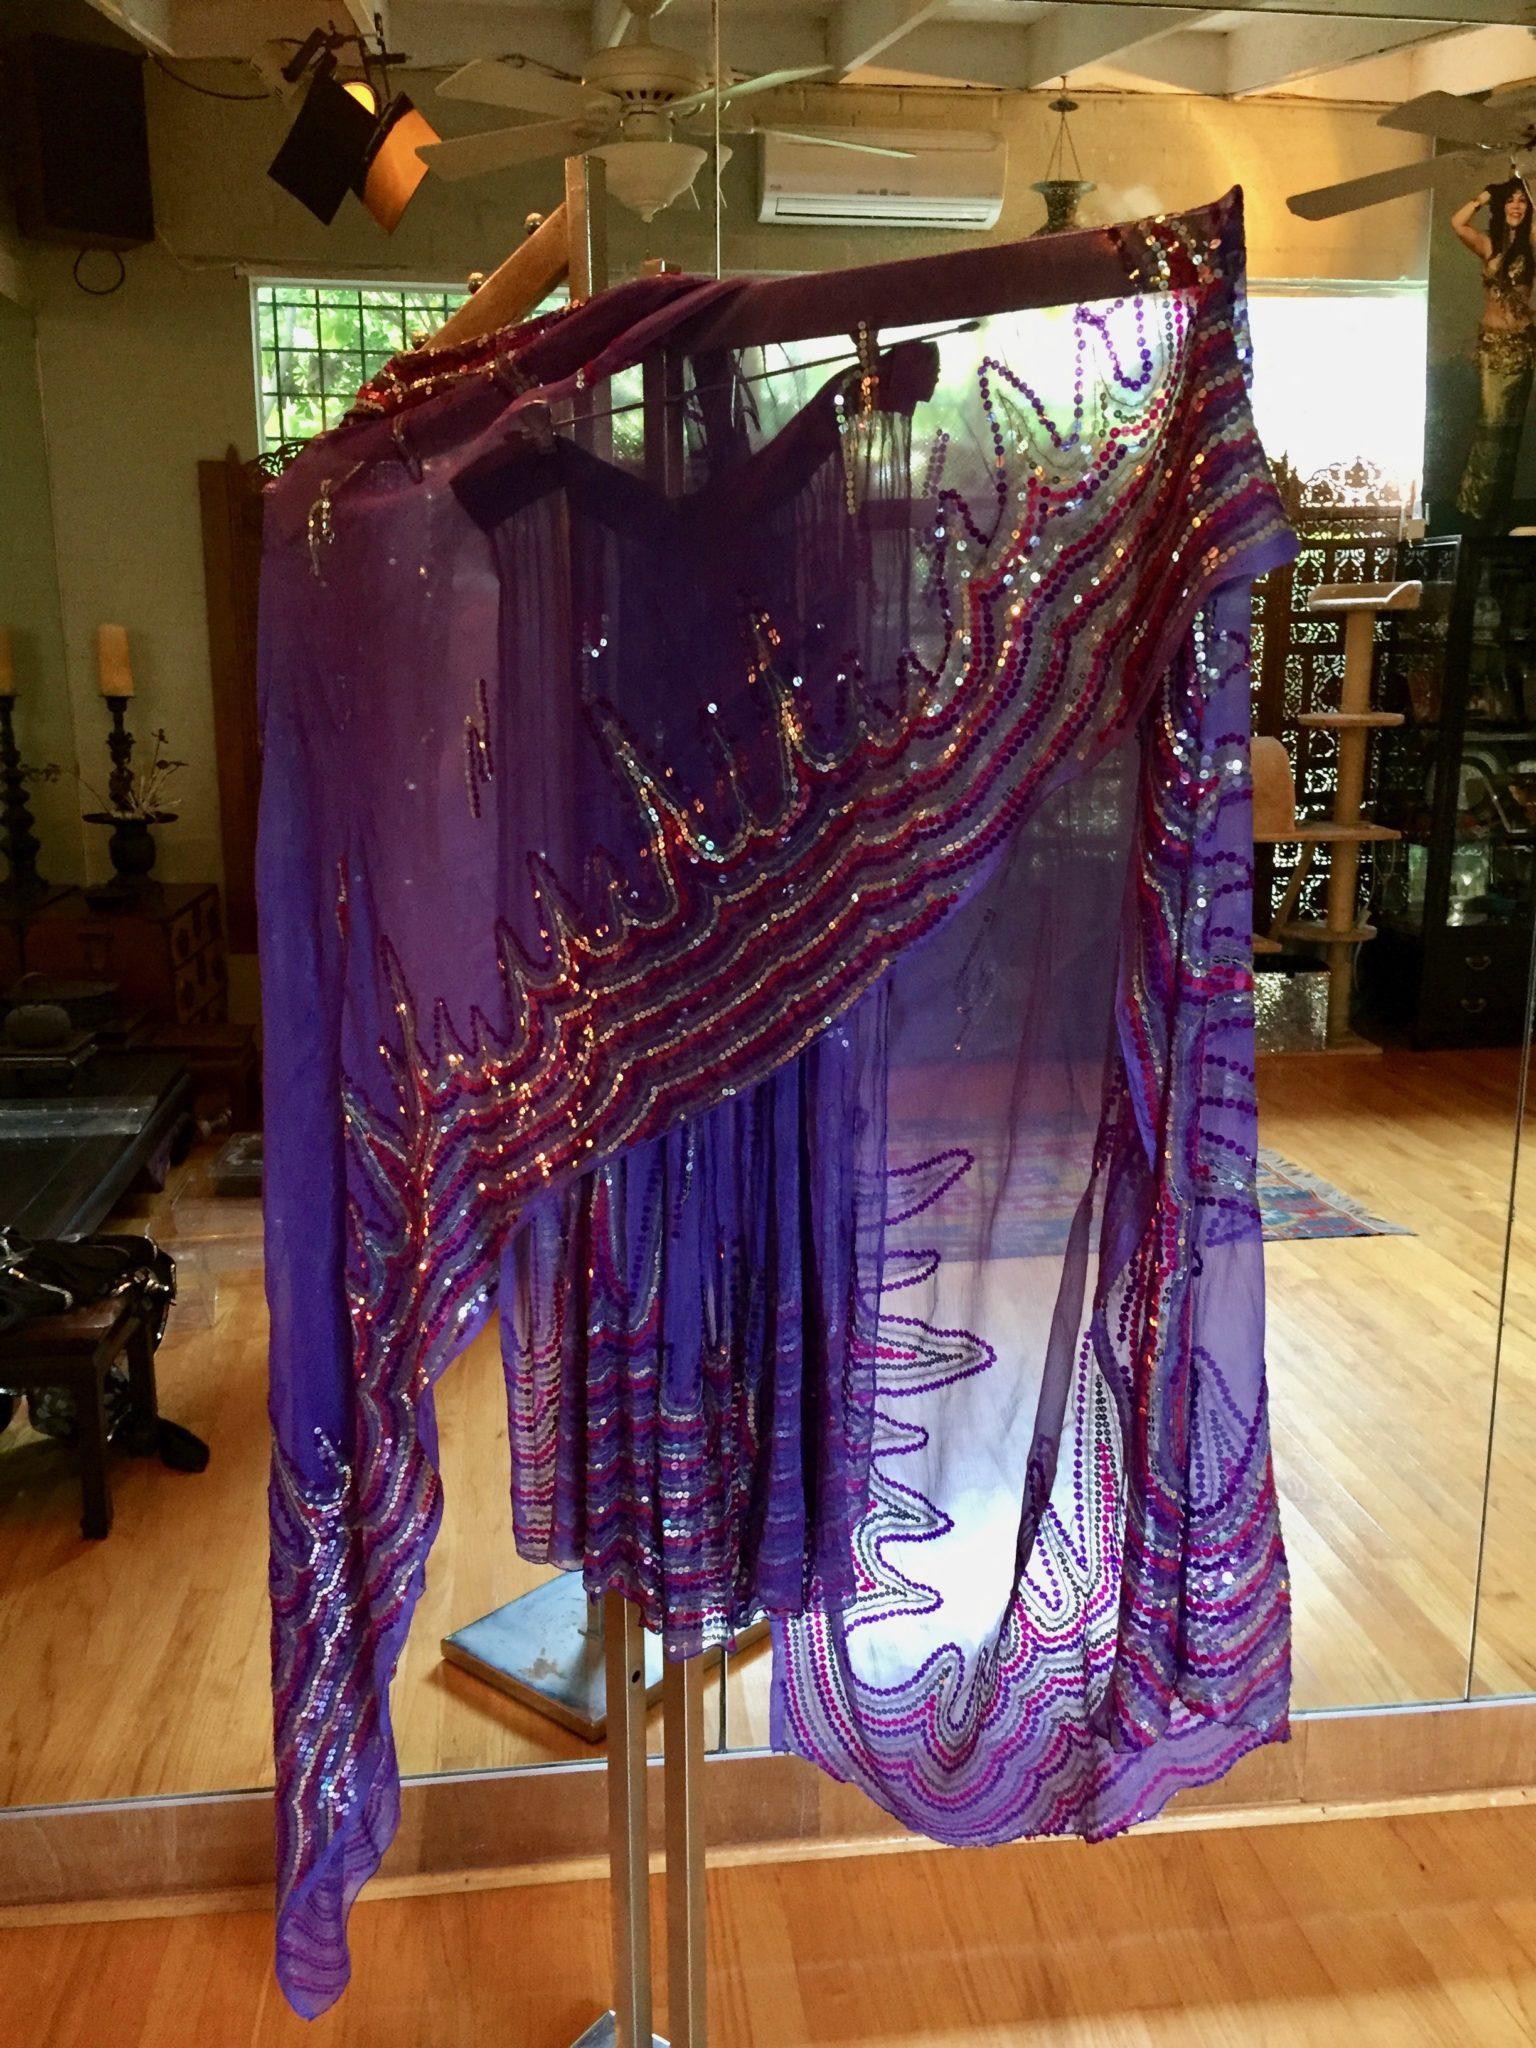 PurpleSlirtSari 2 - Dance Skirt and Veil: Sequined Lavender dance skirt with Veil Wrap